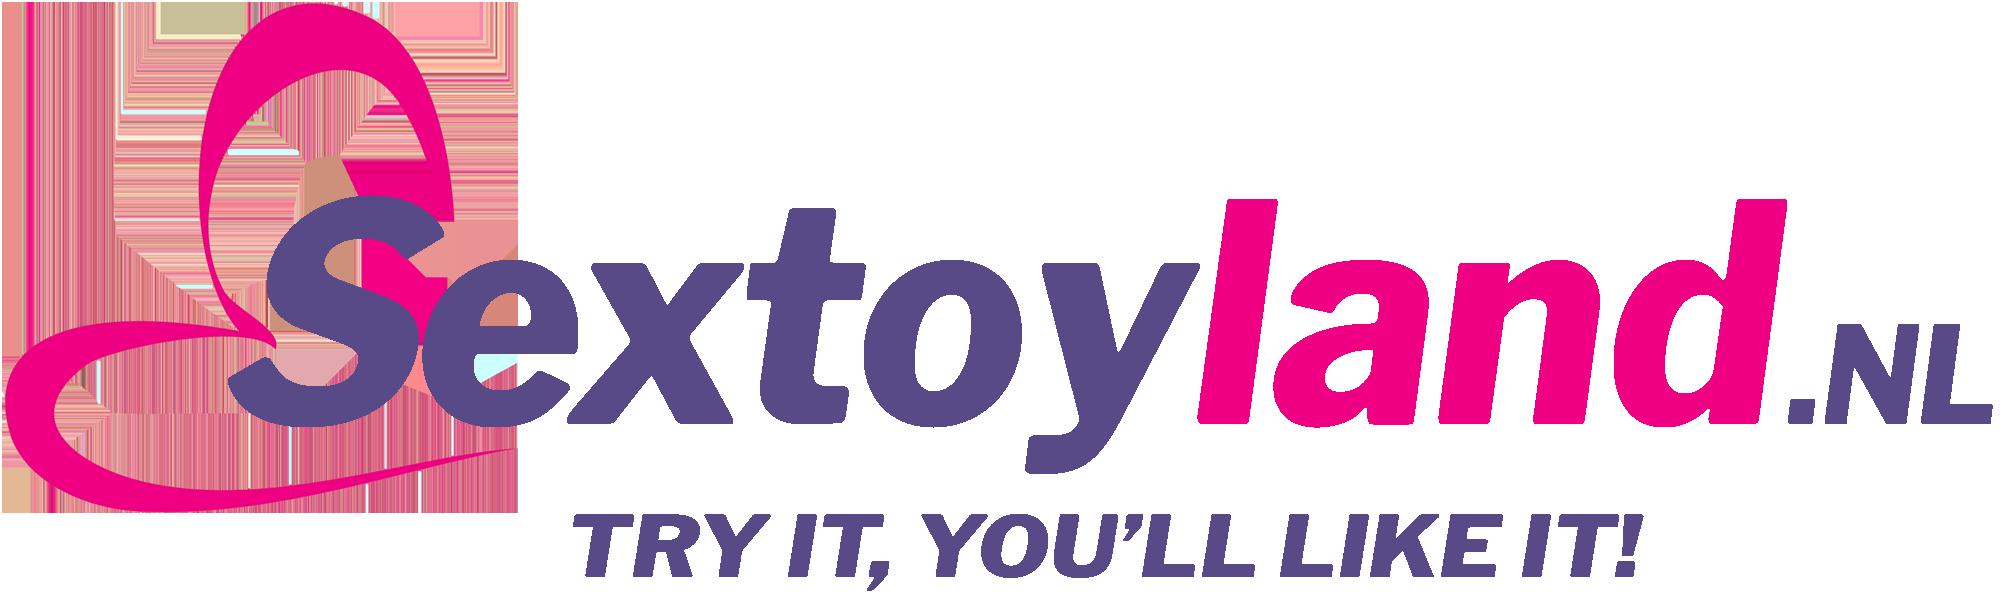 Sextoyland